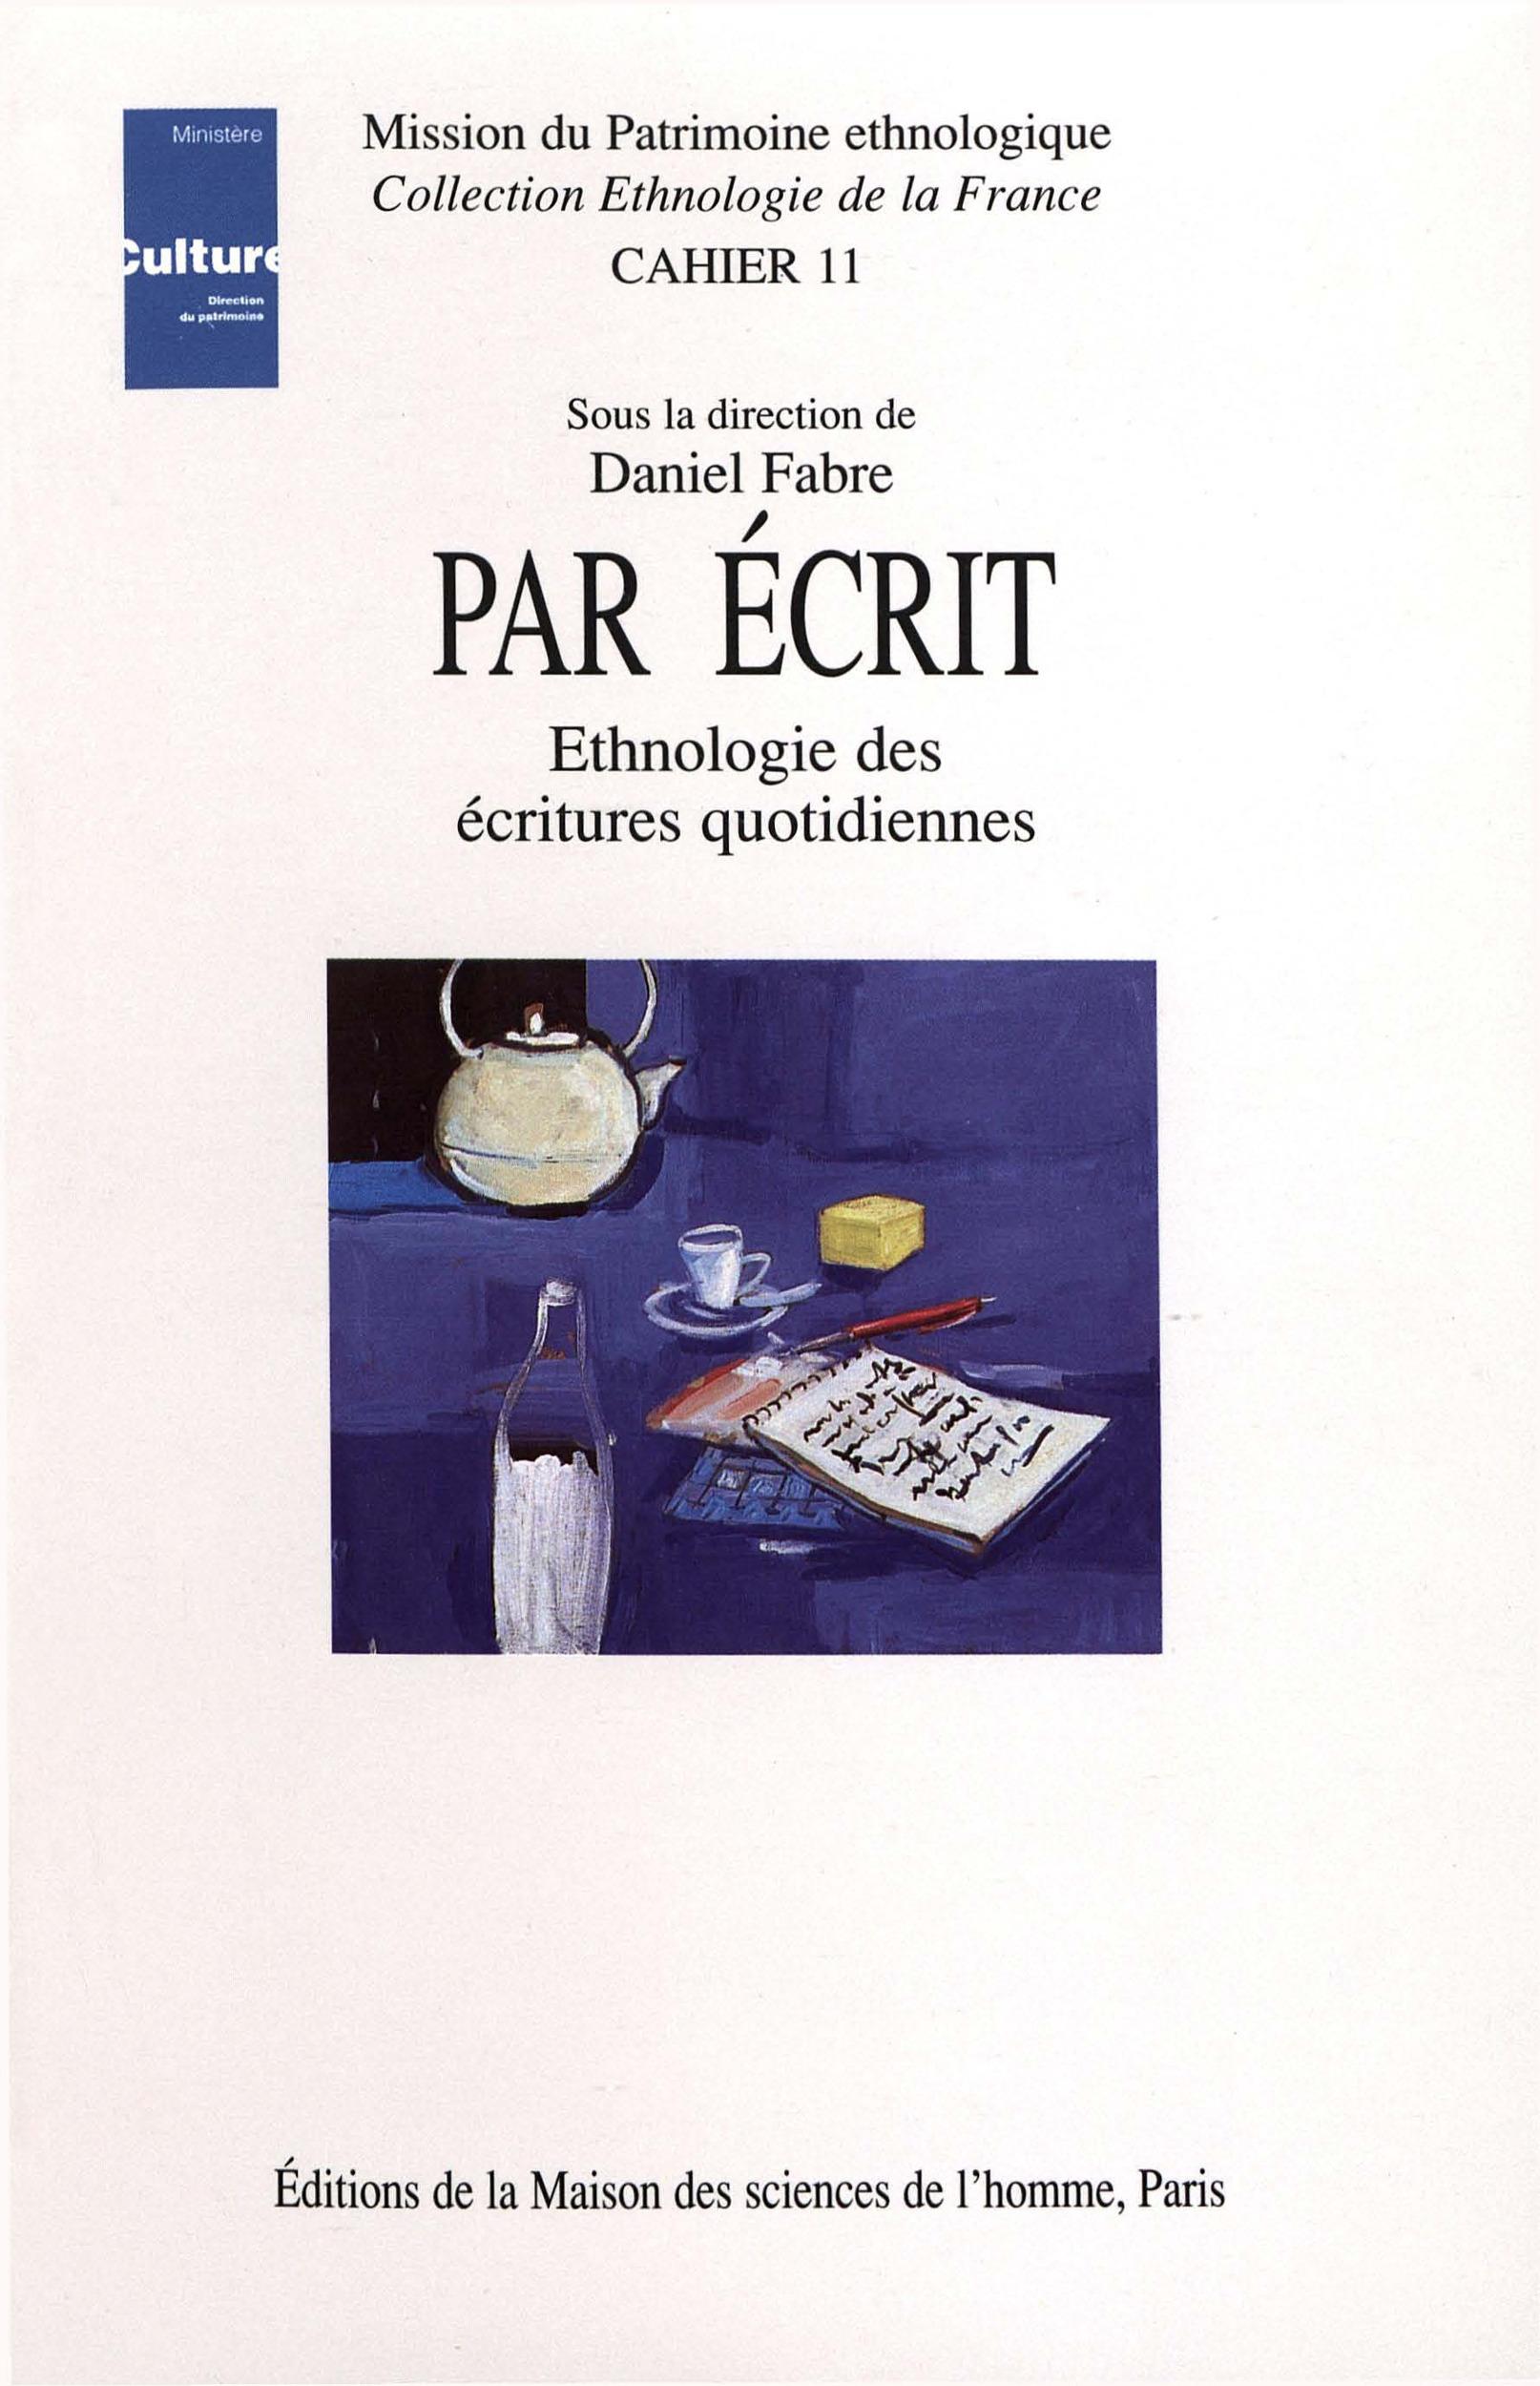 part écrit ; ethnologie des écritures quotidiennes